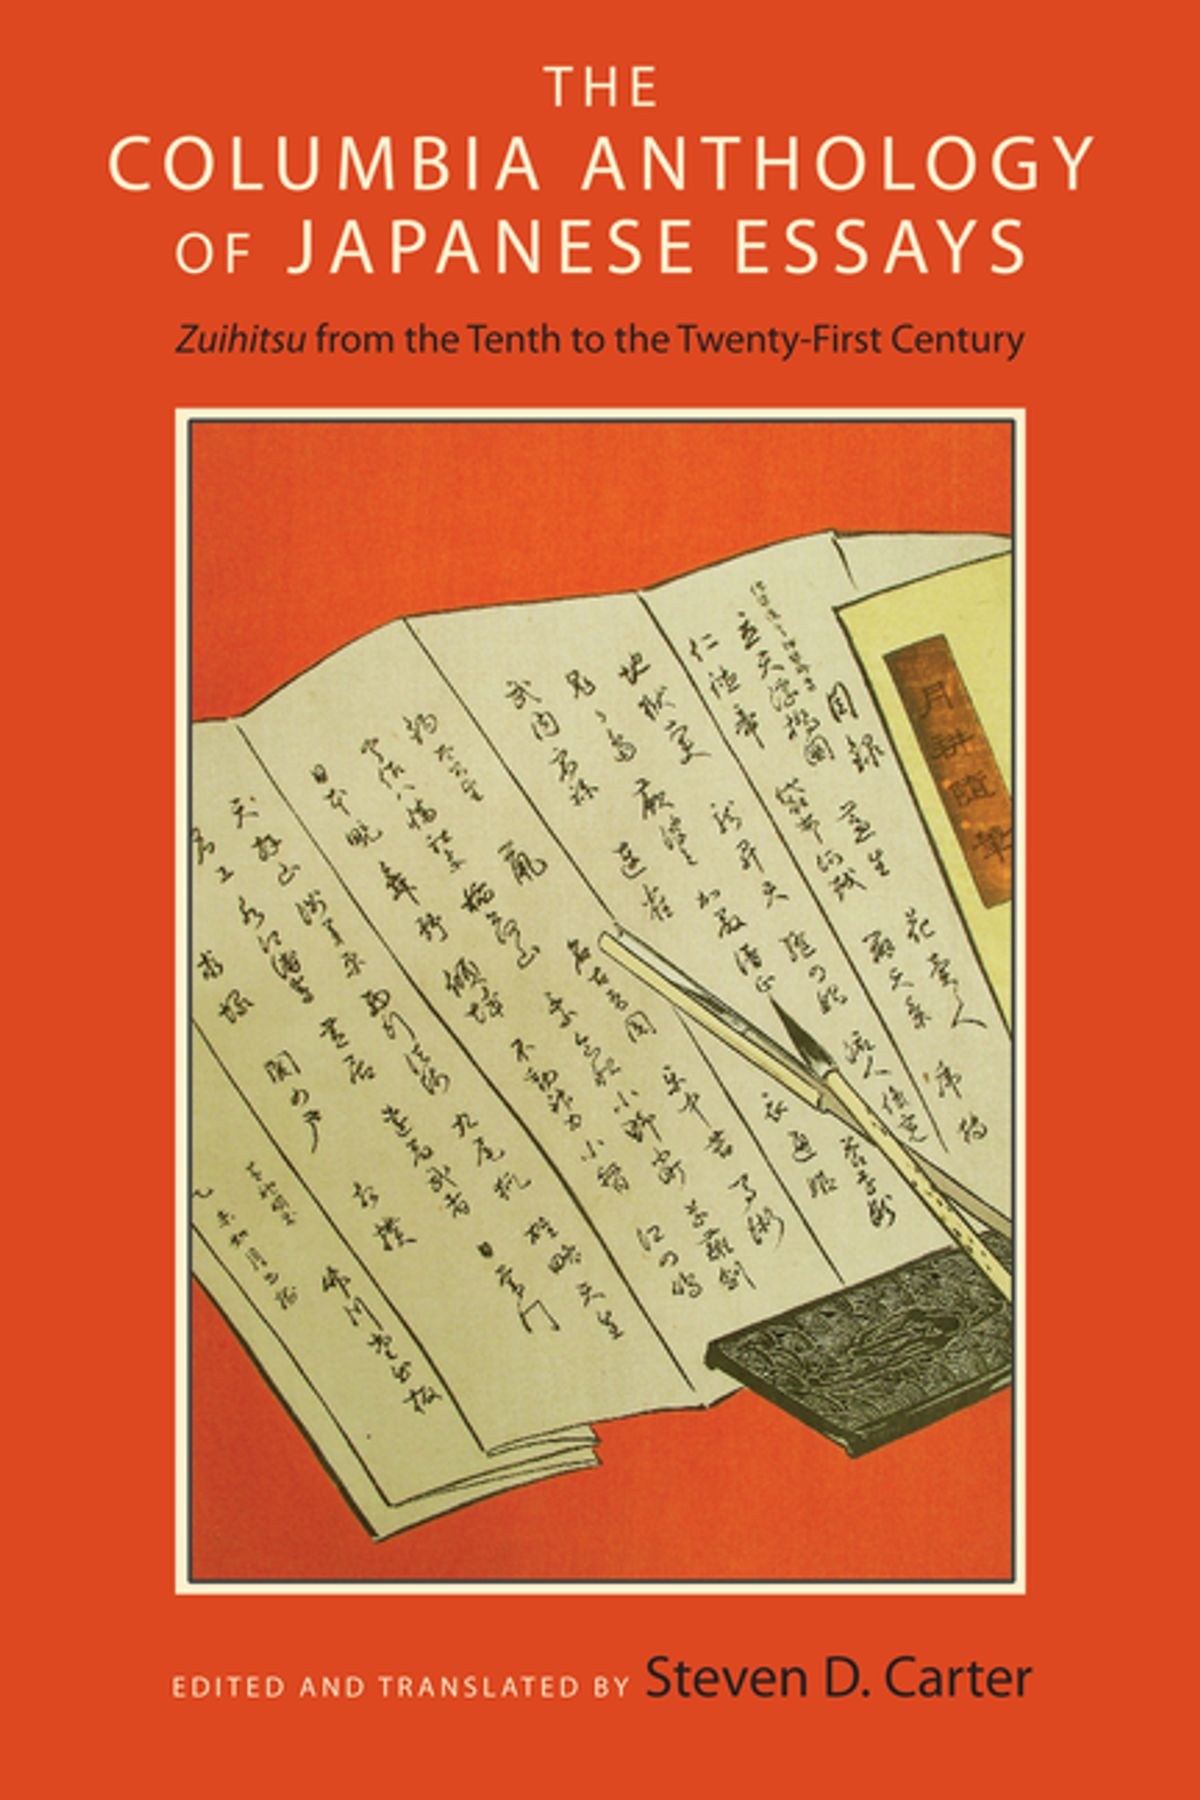 002 The Columbia Anthology Of Japanese Essays Essay Shocking Mba That Worked Undergraduate Full